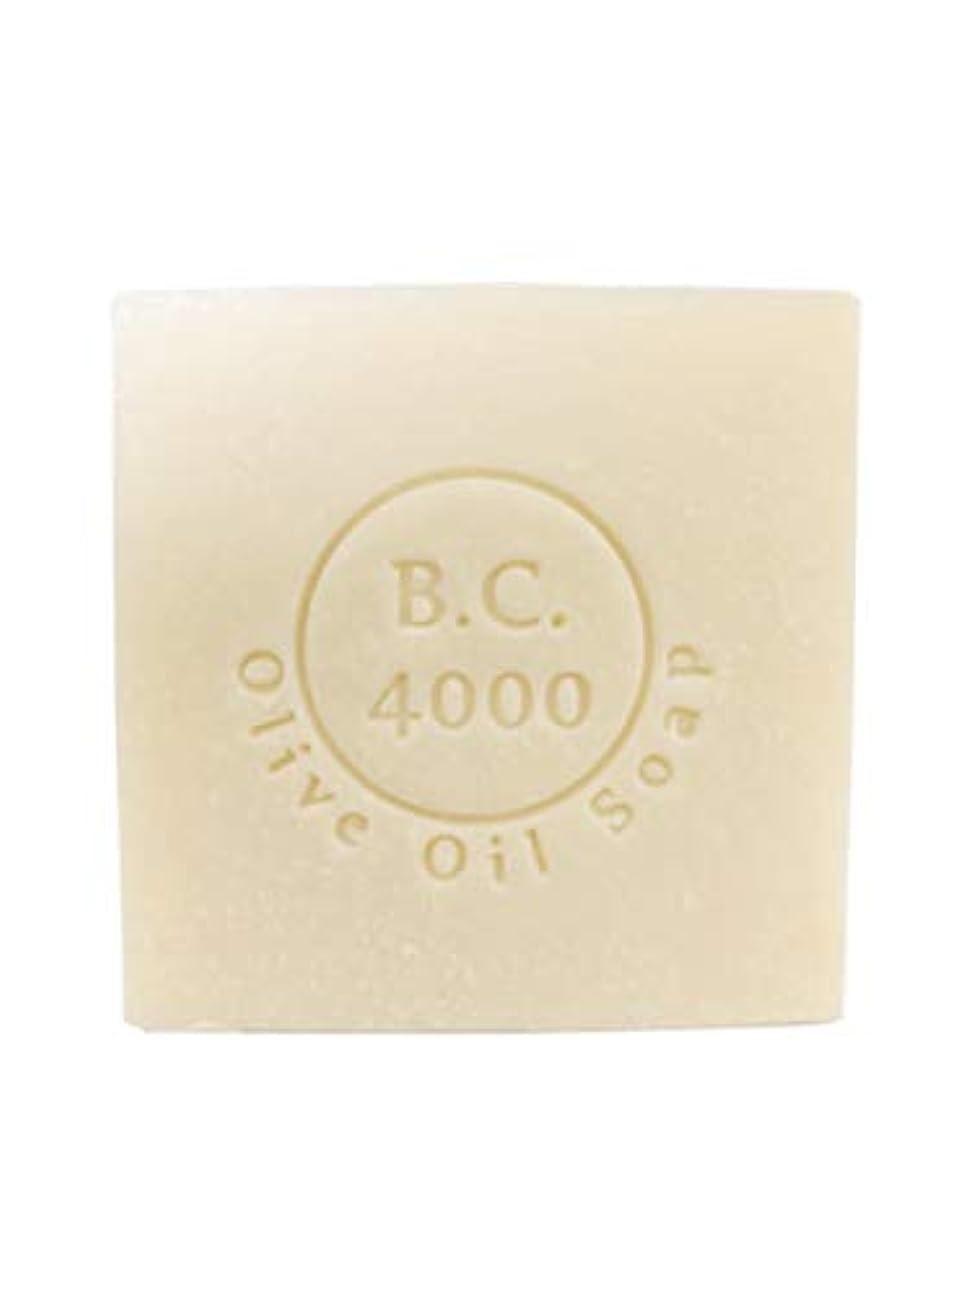 水ラテン句100% バージンオリーブオイル石鹸 B.C.4000 オーガニック せっけん 100g 1個